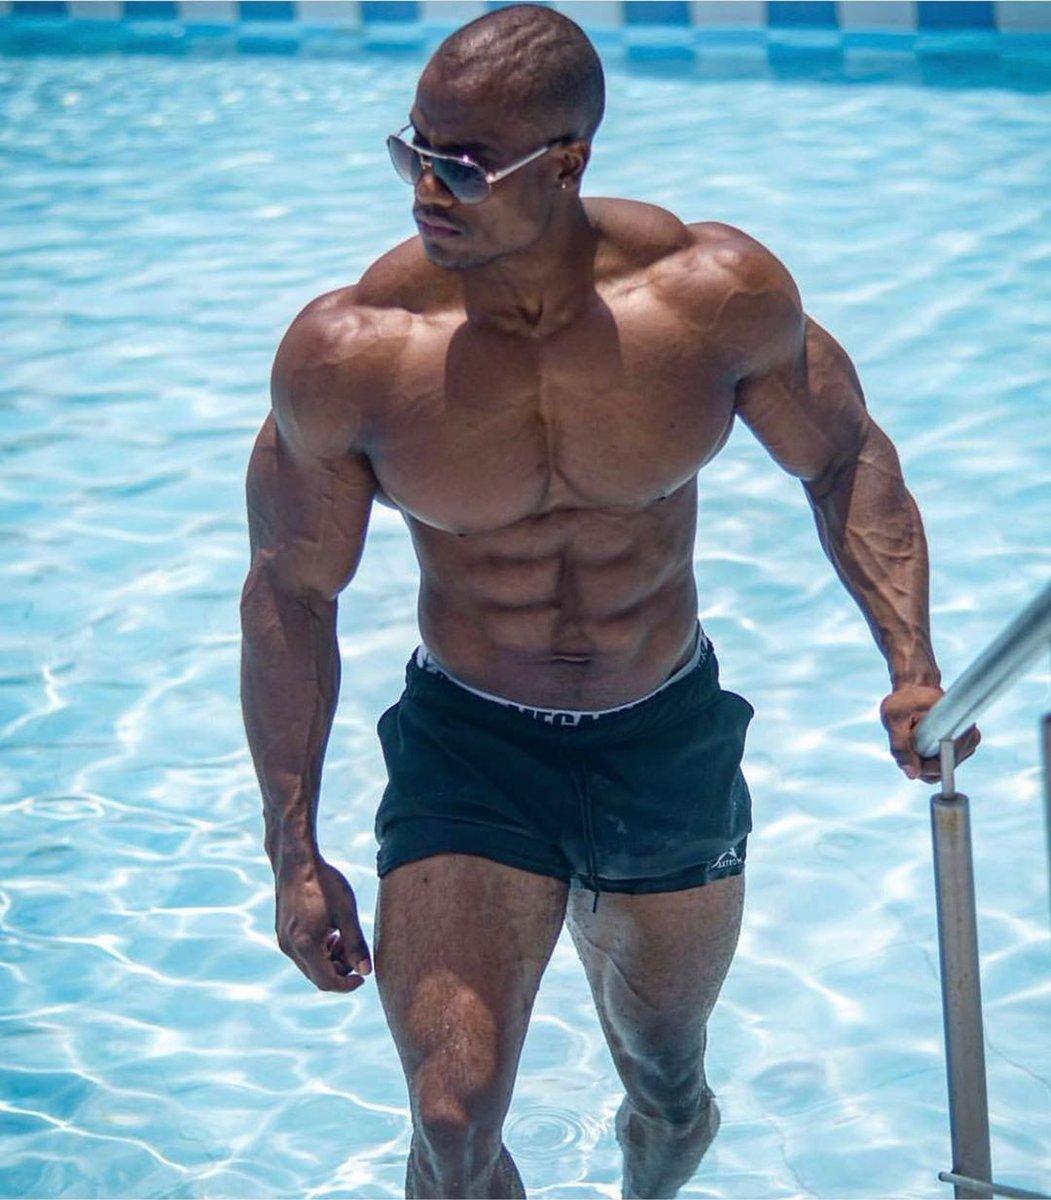 Shredded body @walasupplement . . . . . . #Bodybuilding #bodybuildingmotivation #bodybuildinglifestyle #bodybuildingcom #bodybuildinglife #bodybuildingnationpic.twitter.com/d5DGJrj06E